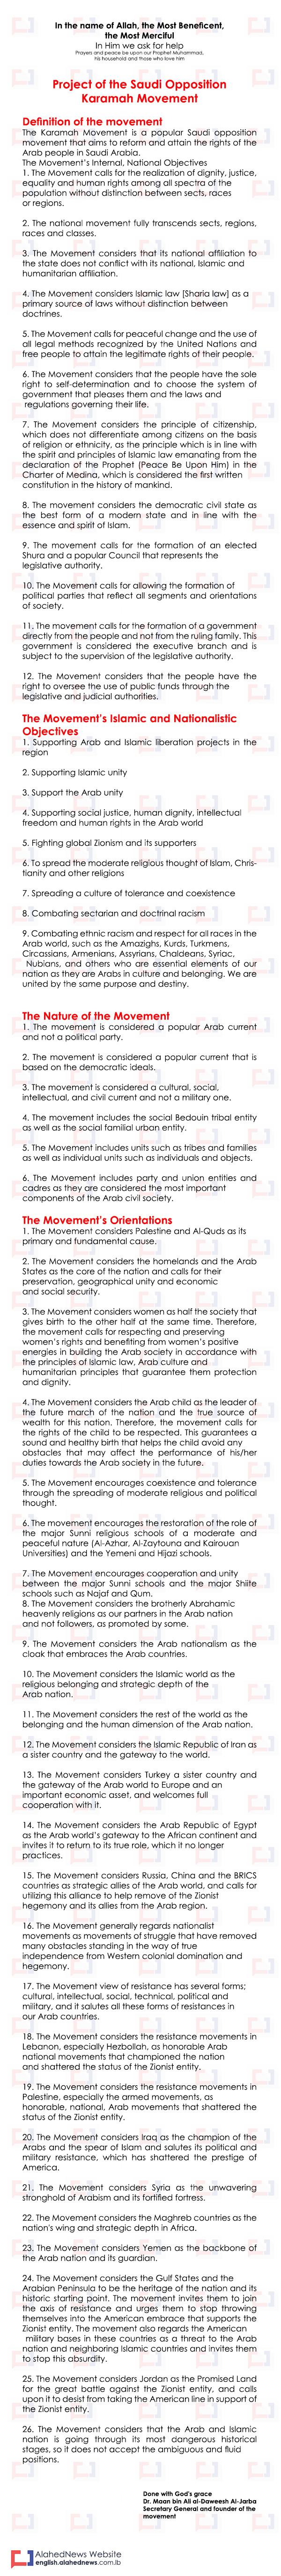 Saudi opposition Karamah Movement's statement